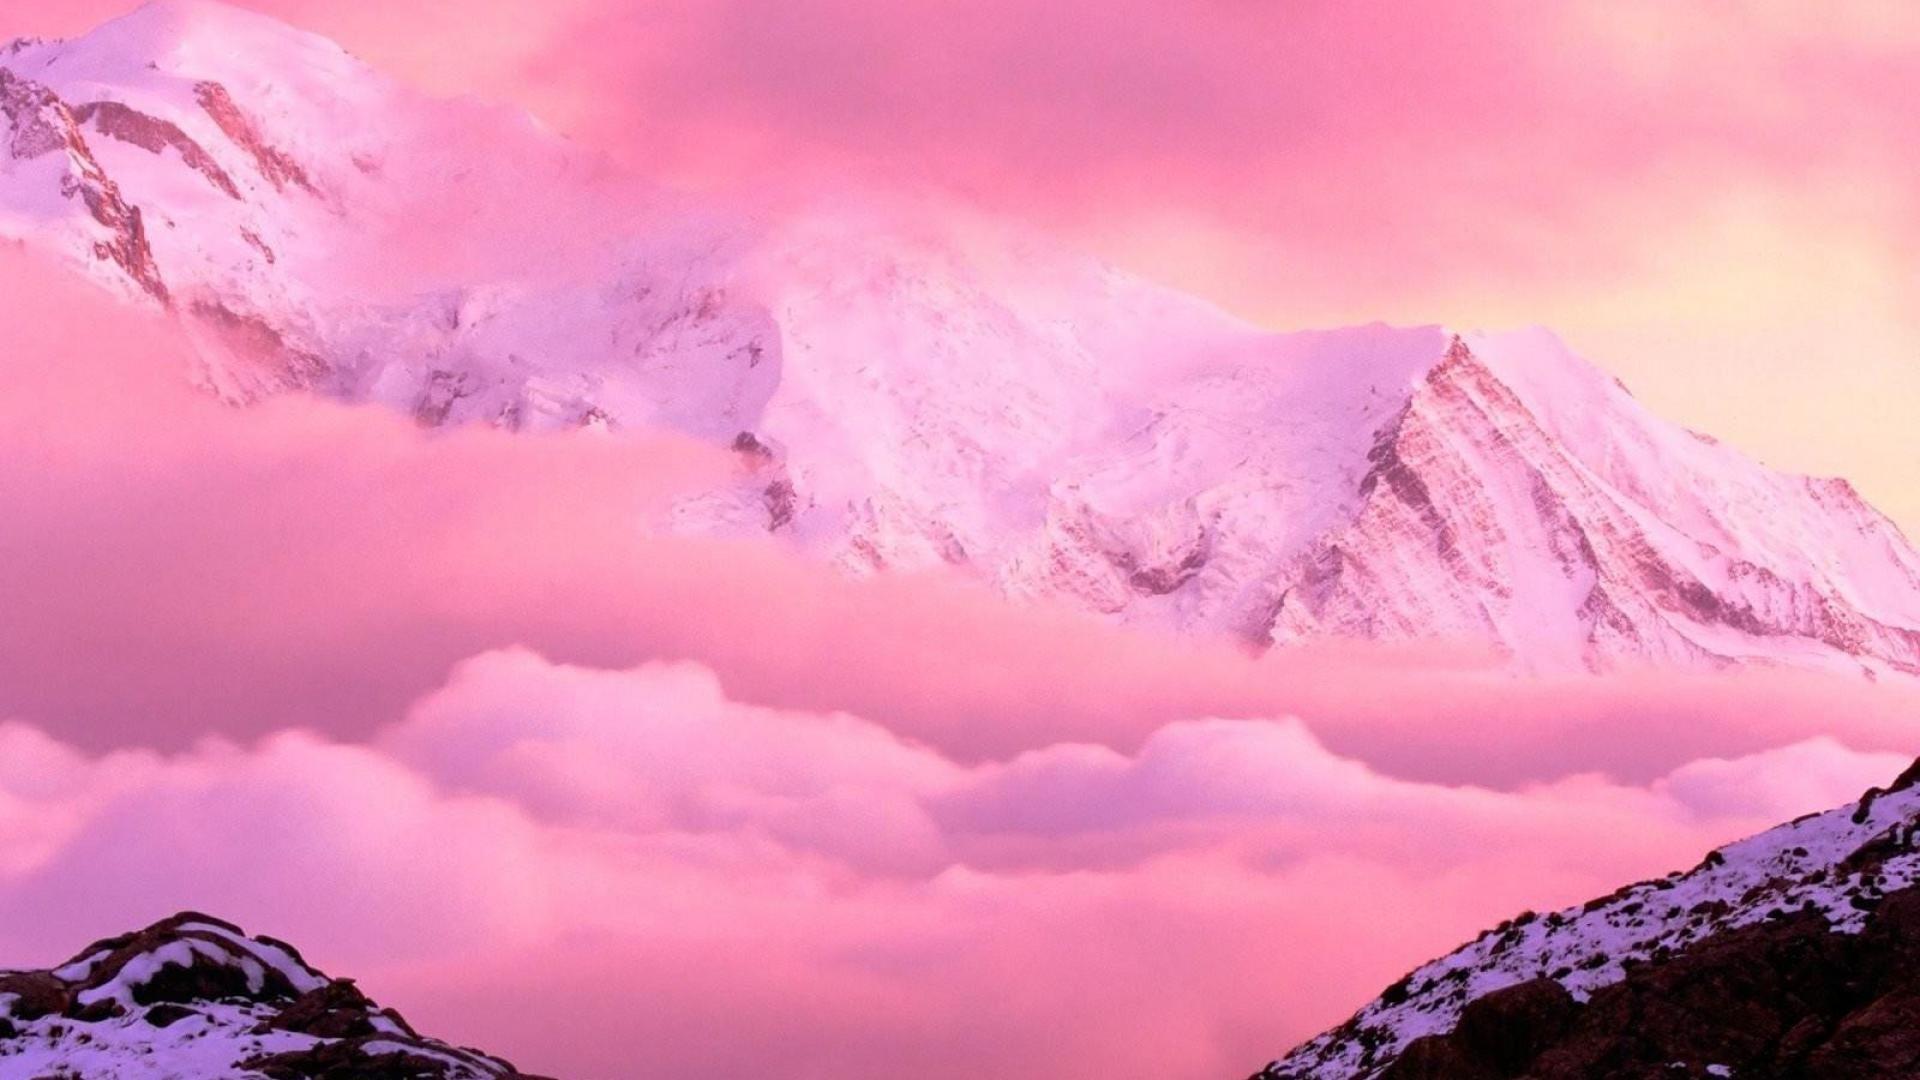 Pink Landscape Wallpapers   Top Pink Landscape Backgrounds